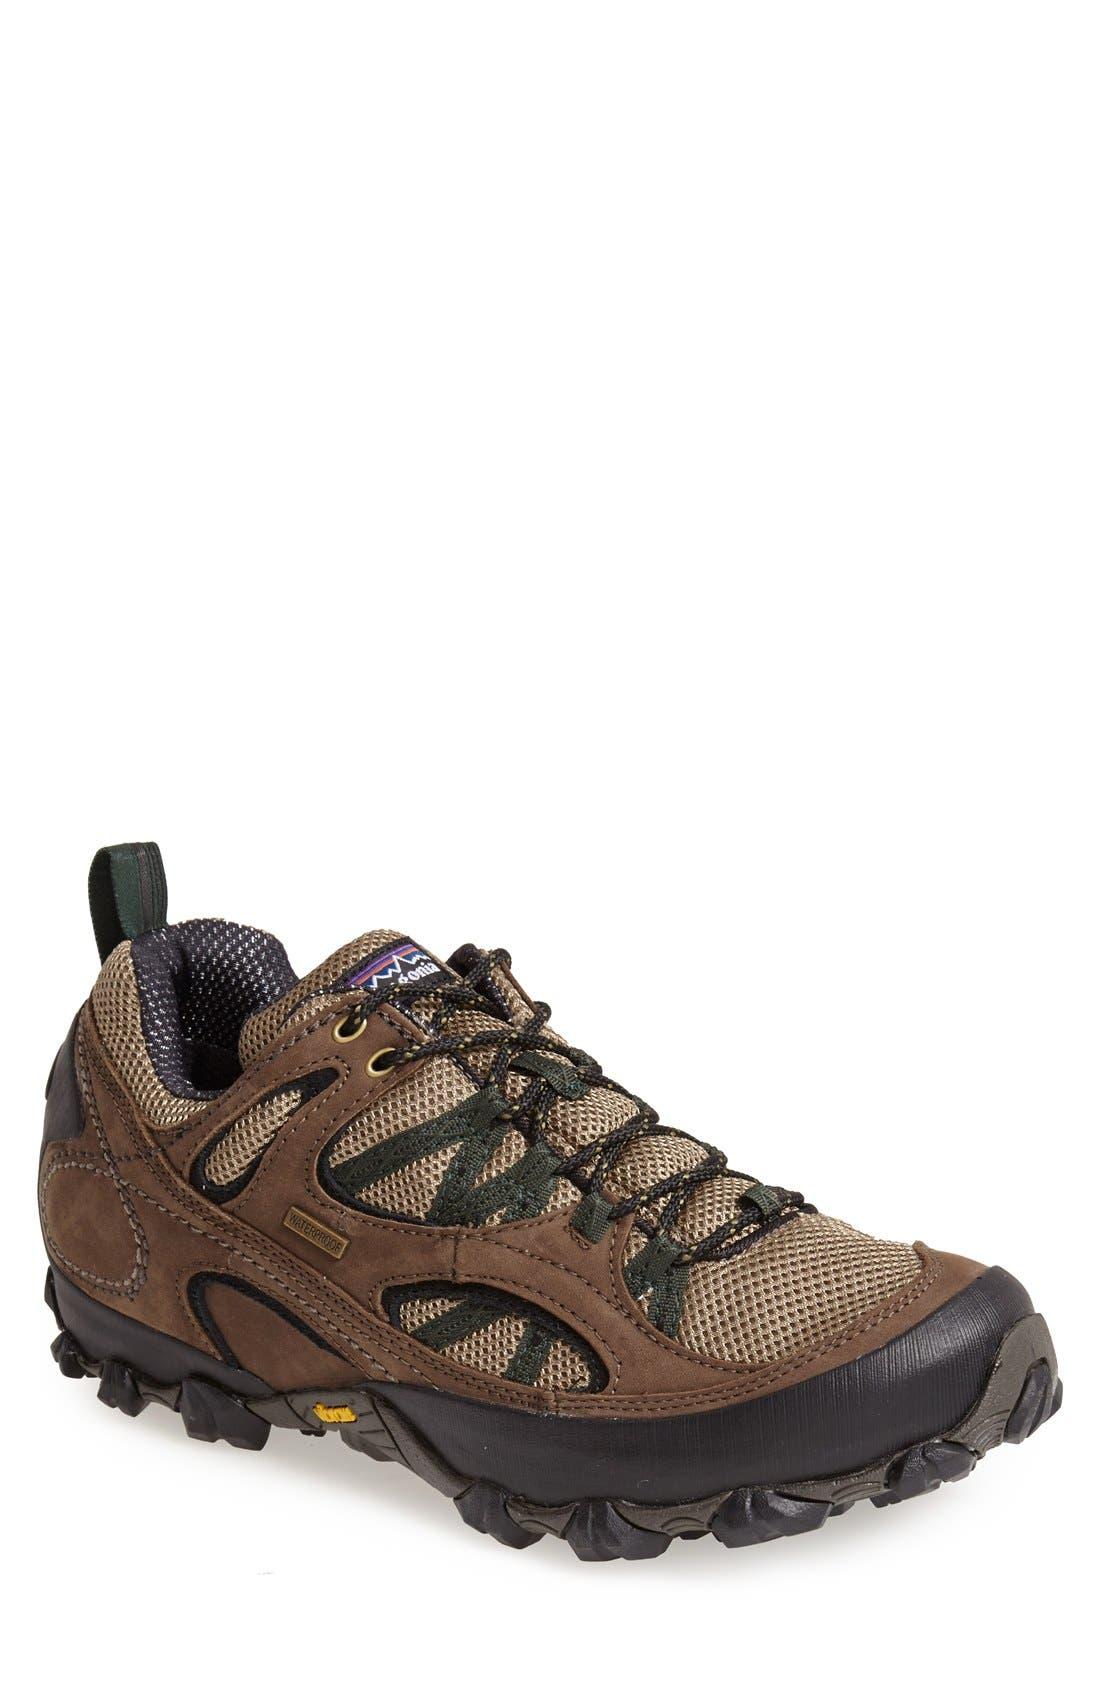 Main Image - Patagonia 'Drifter A/C' Waterproof Hiking Shoe (Men)